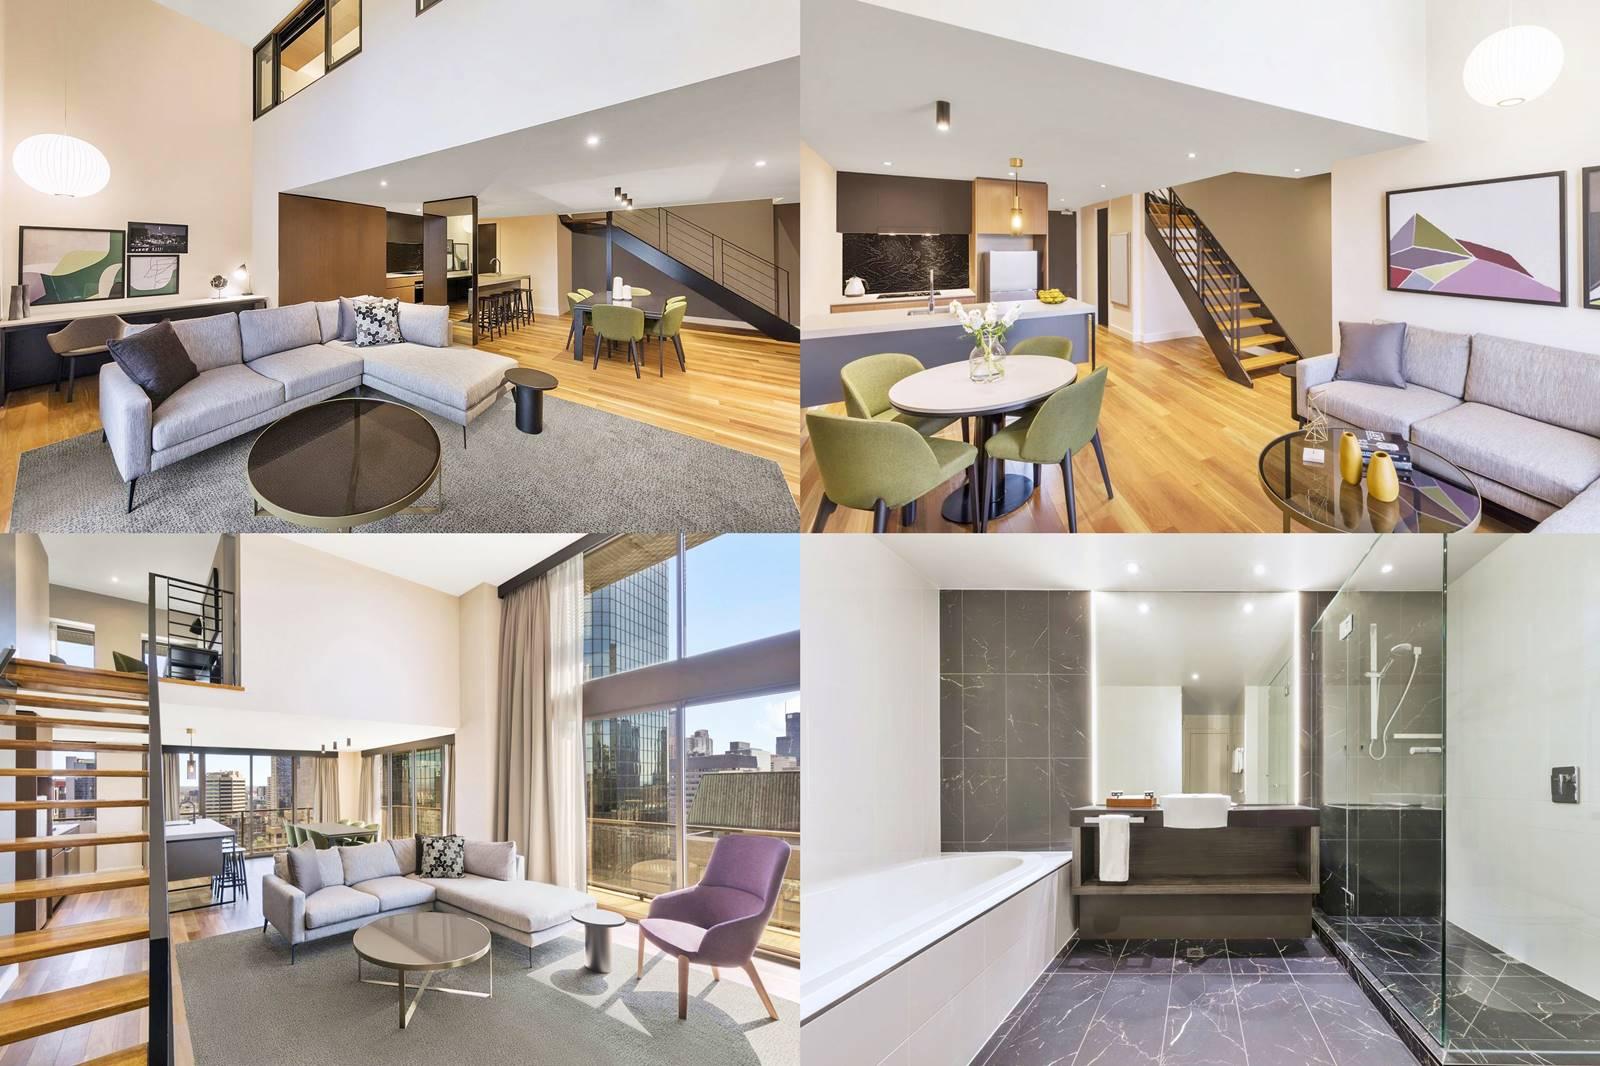 墨爾本-住宿-推薦-墨爾本飯店-墨爾本酒店-墨爾本公寓-墨爾本民宿-墨爾本旅館-墨爾本酒店-必住-Melbourne-Hotel-墨爾本阿迪娜公寓酒店-Adina Apartment Hotel Melbourne